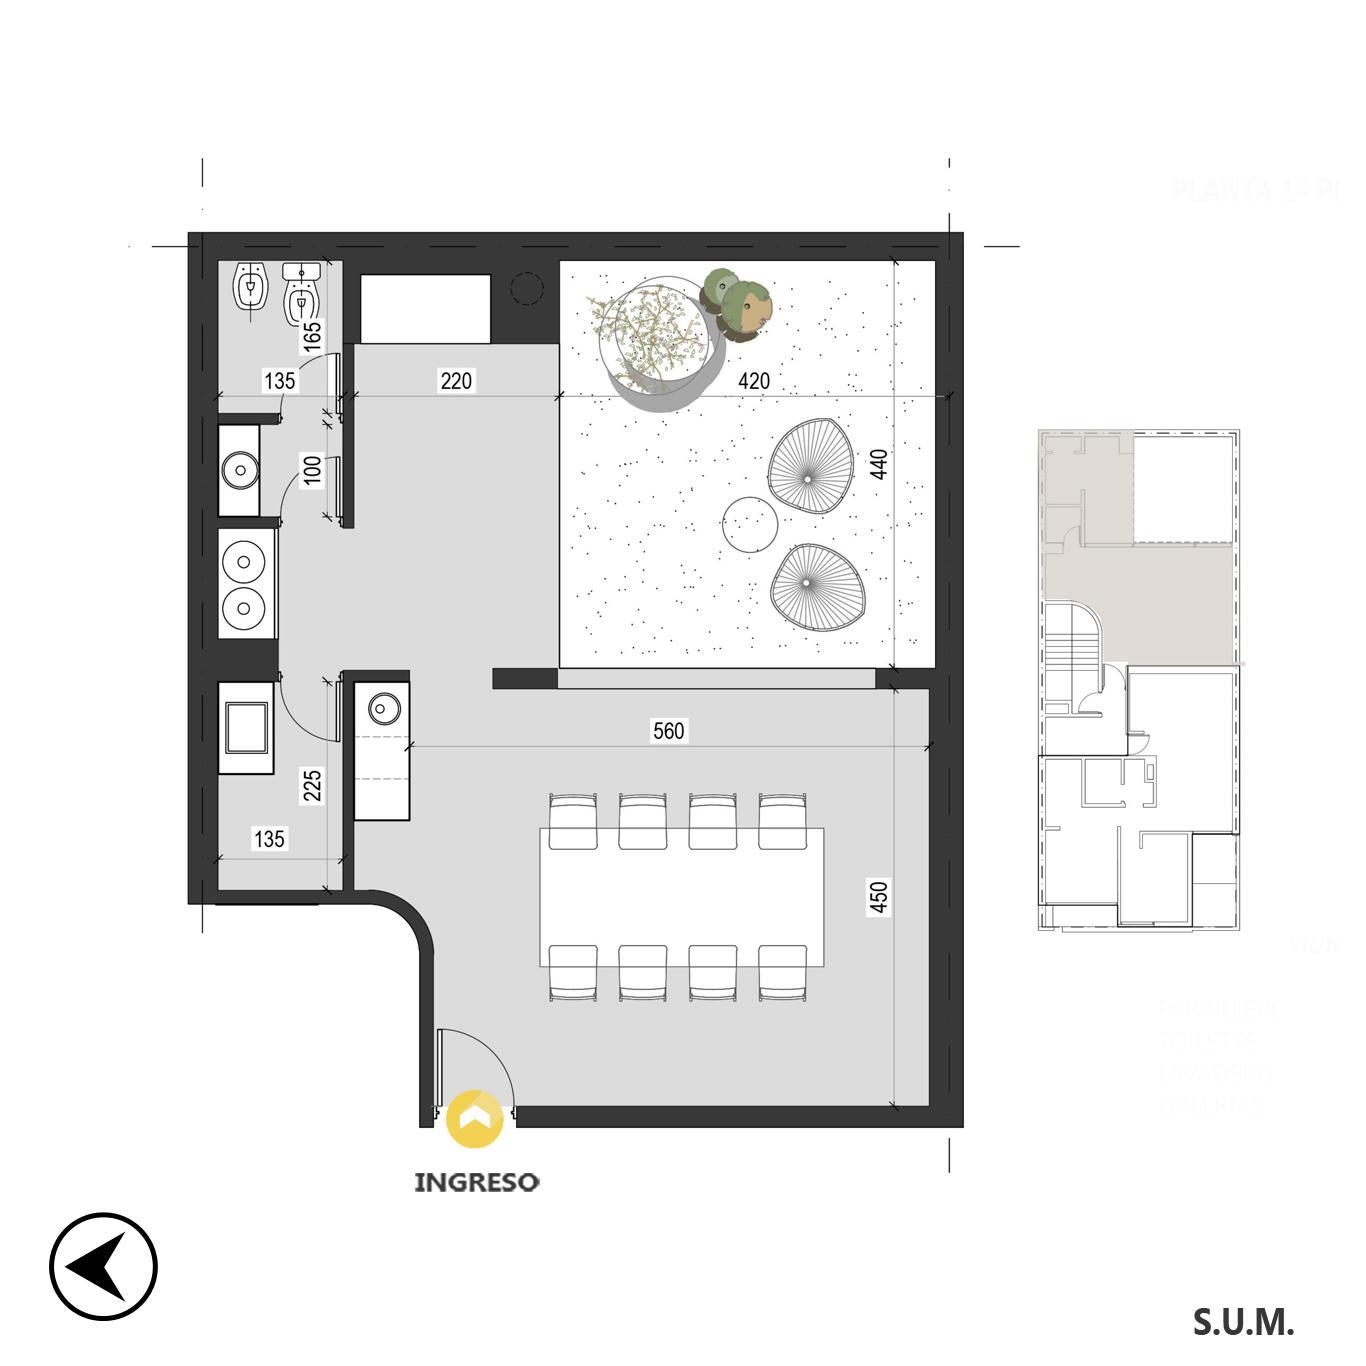 Venta departamento 1 dormitorio Rosario, Pichincha. Cod CBU24211 AP2259242. Crestale Propiedades